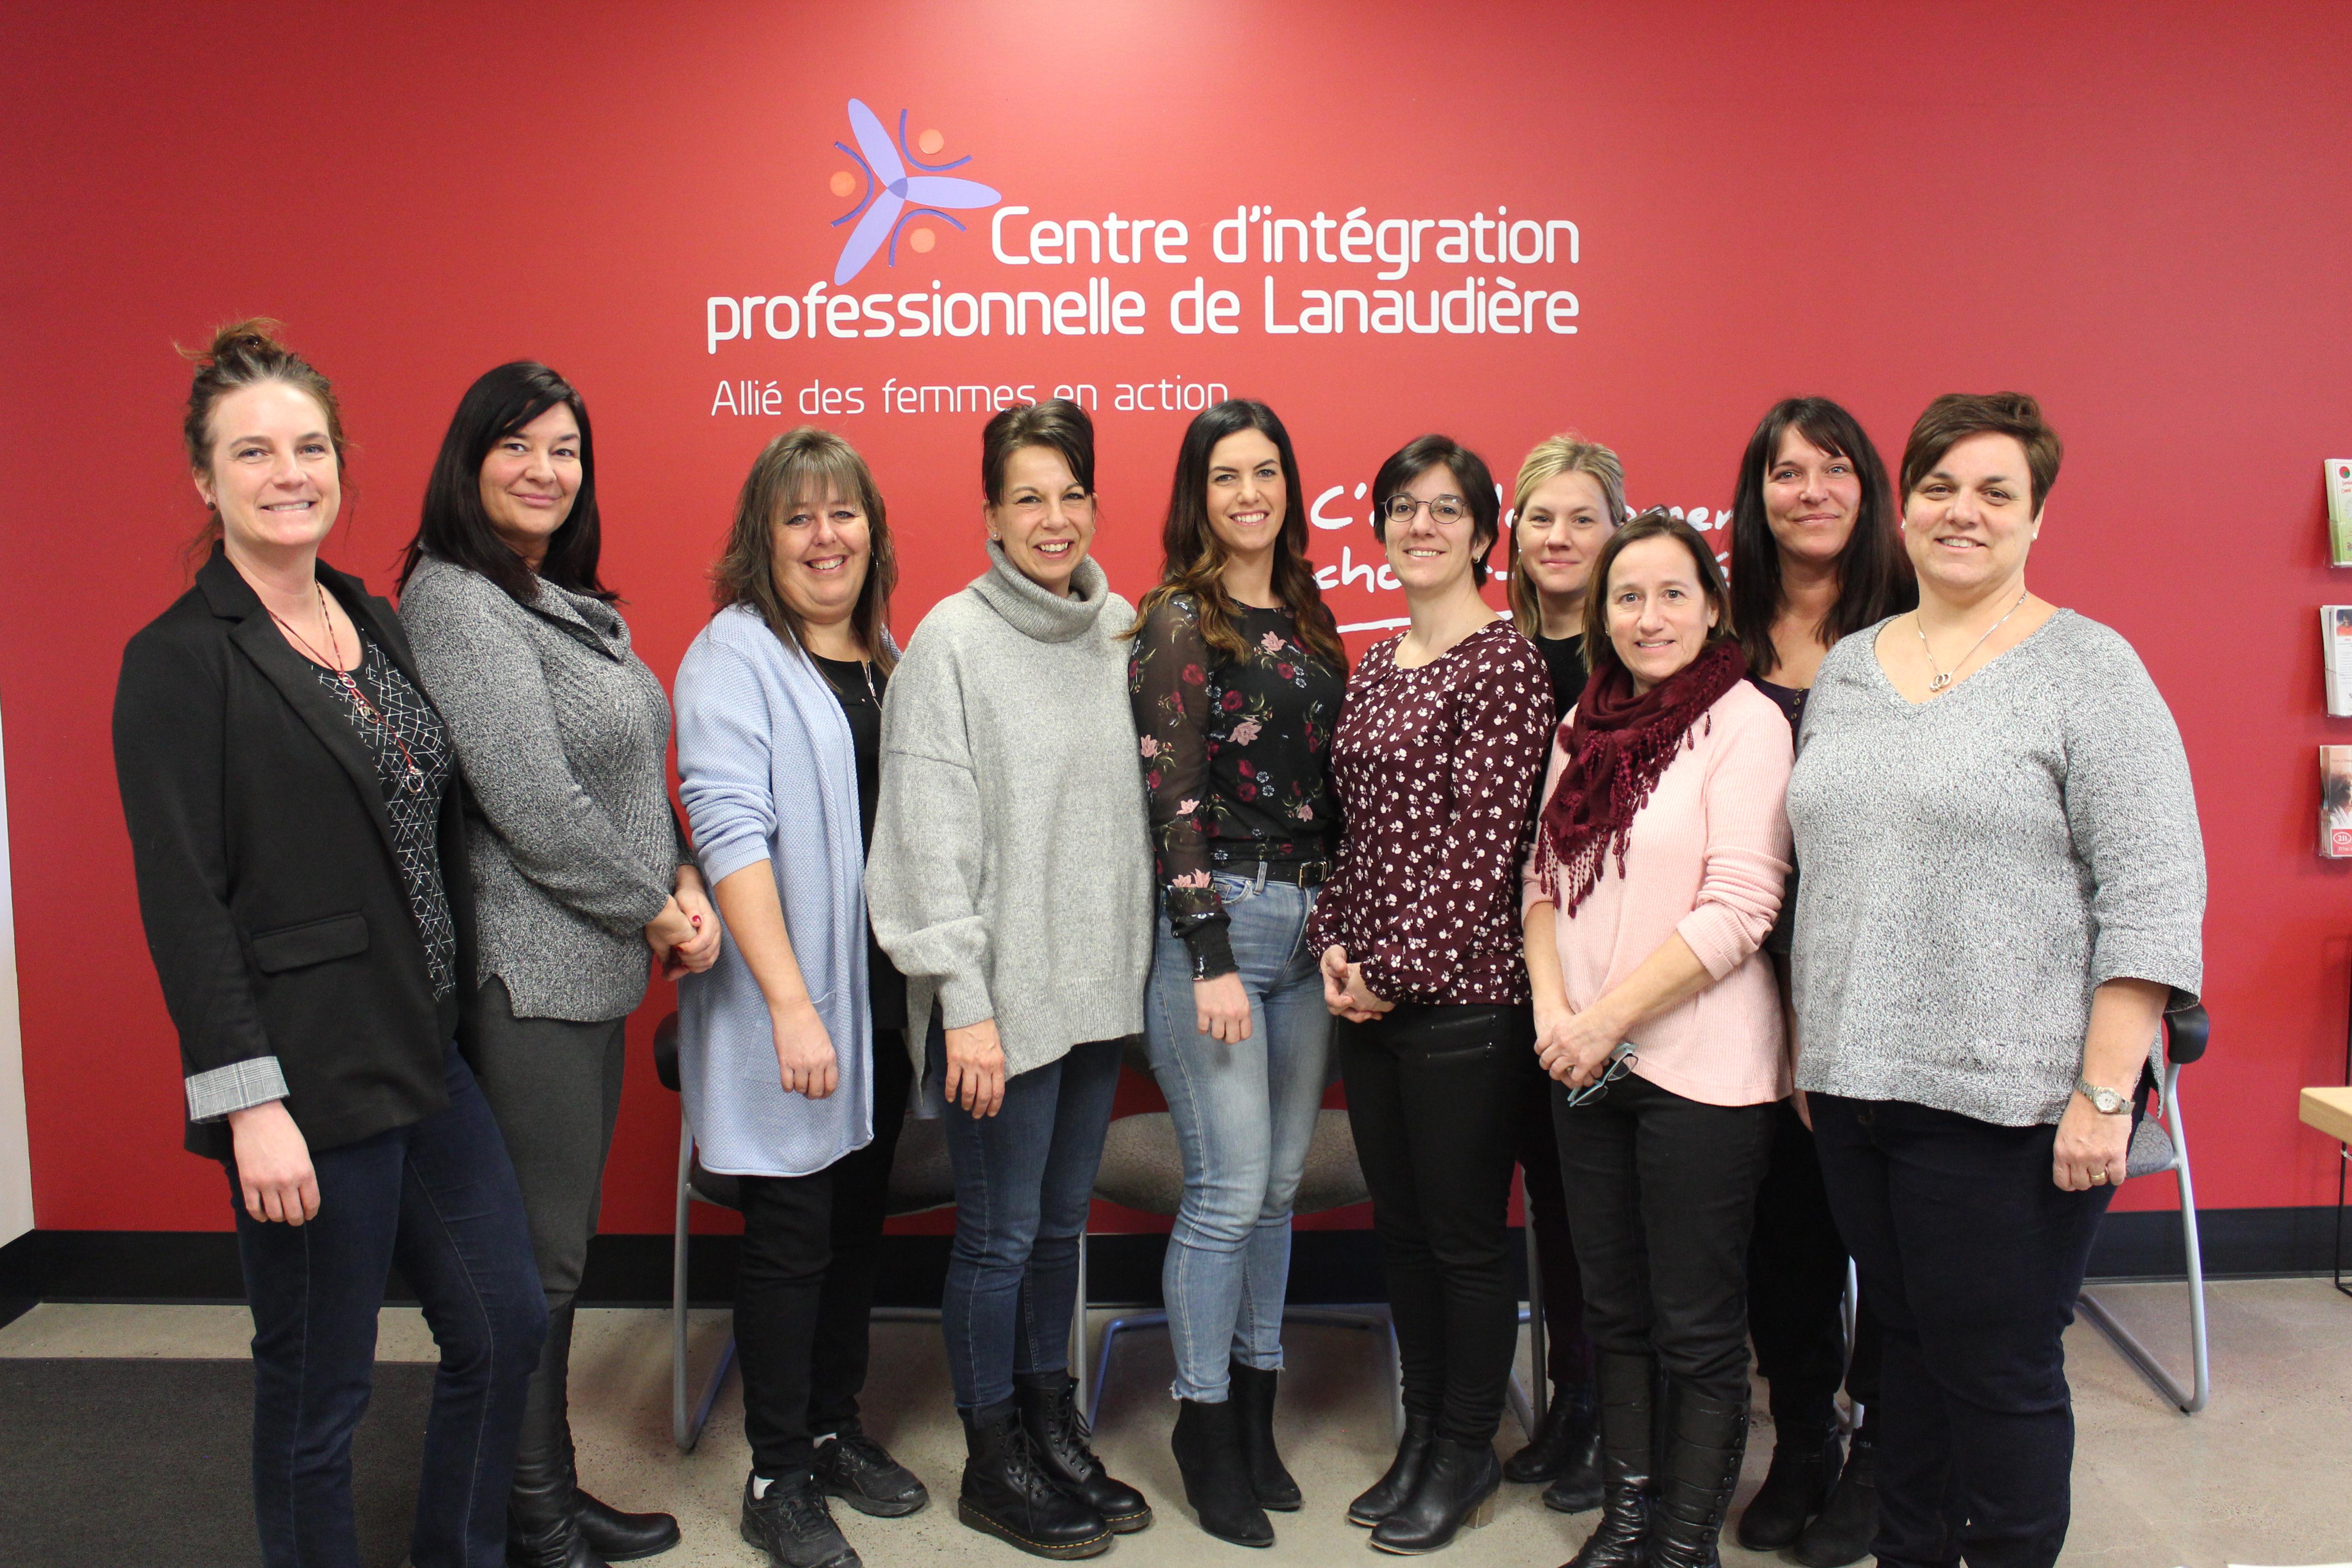 Centre d'intégration professionnelle de Lanaudière